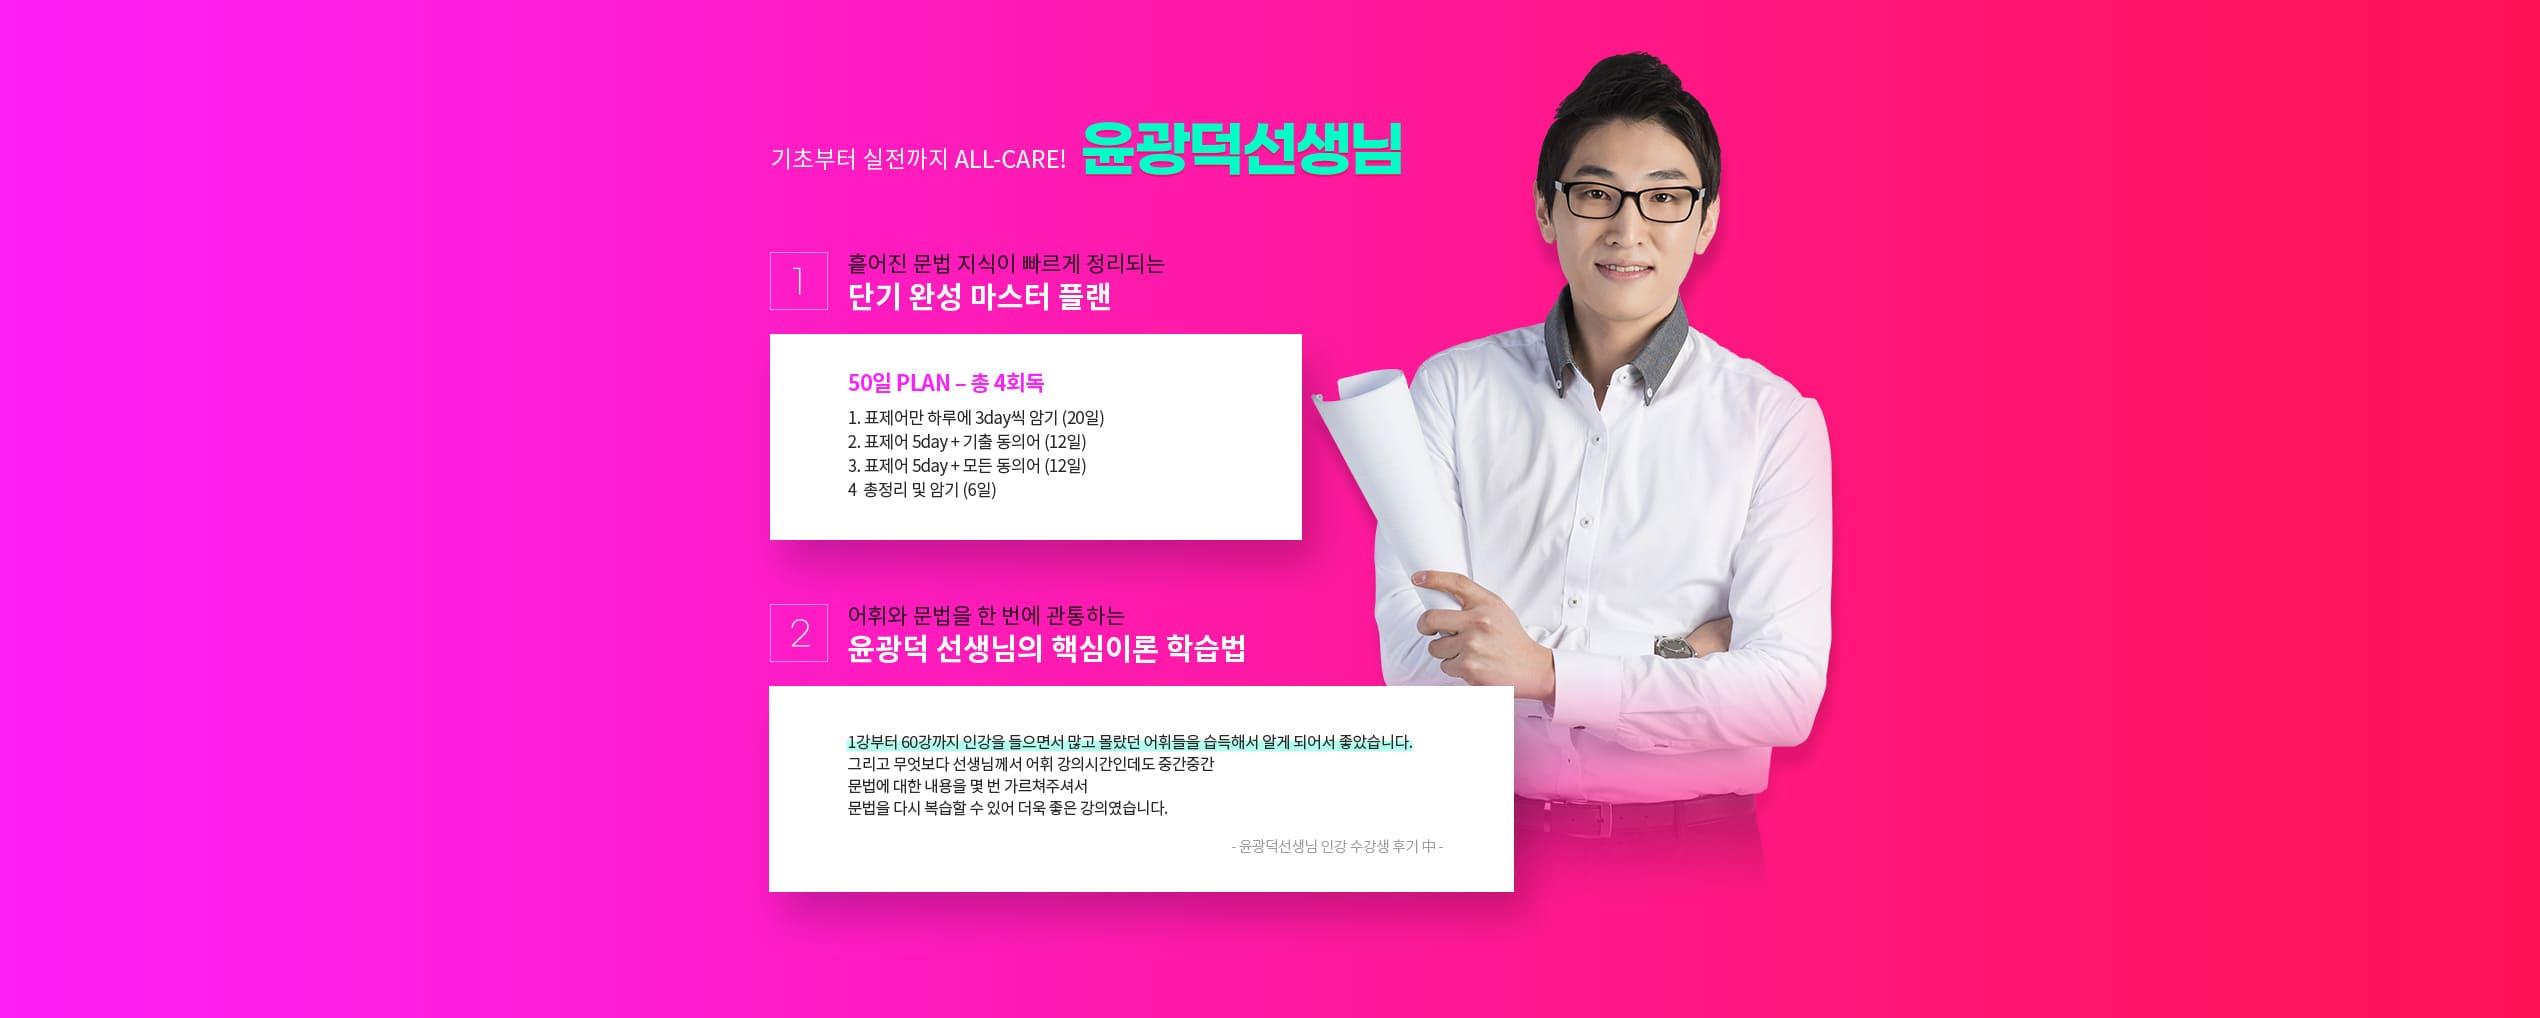 윤광덕 교수님